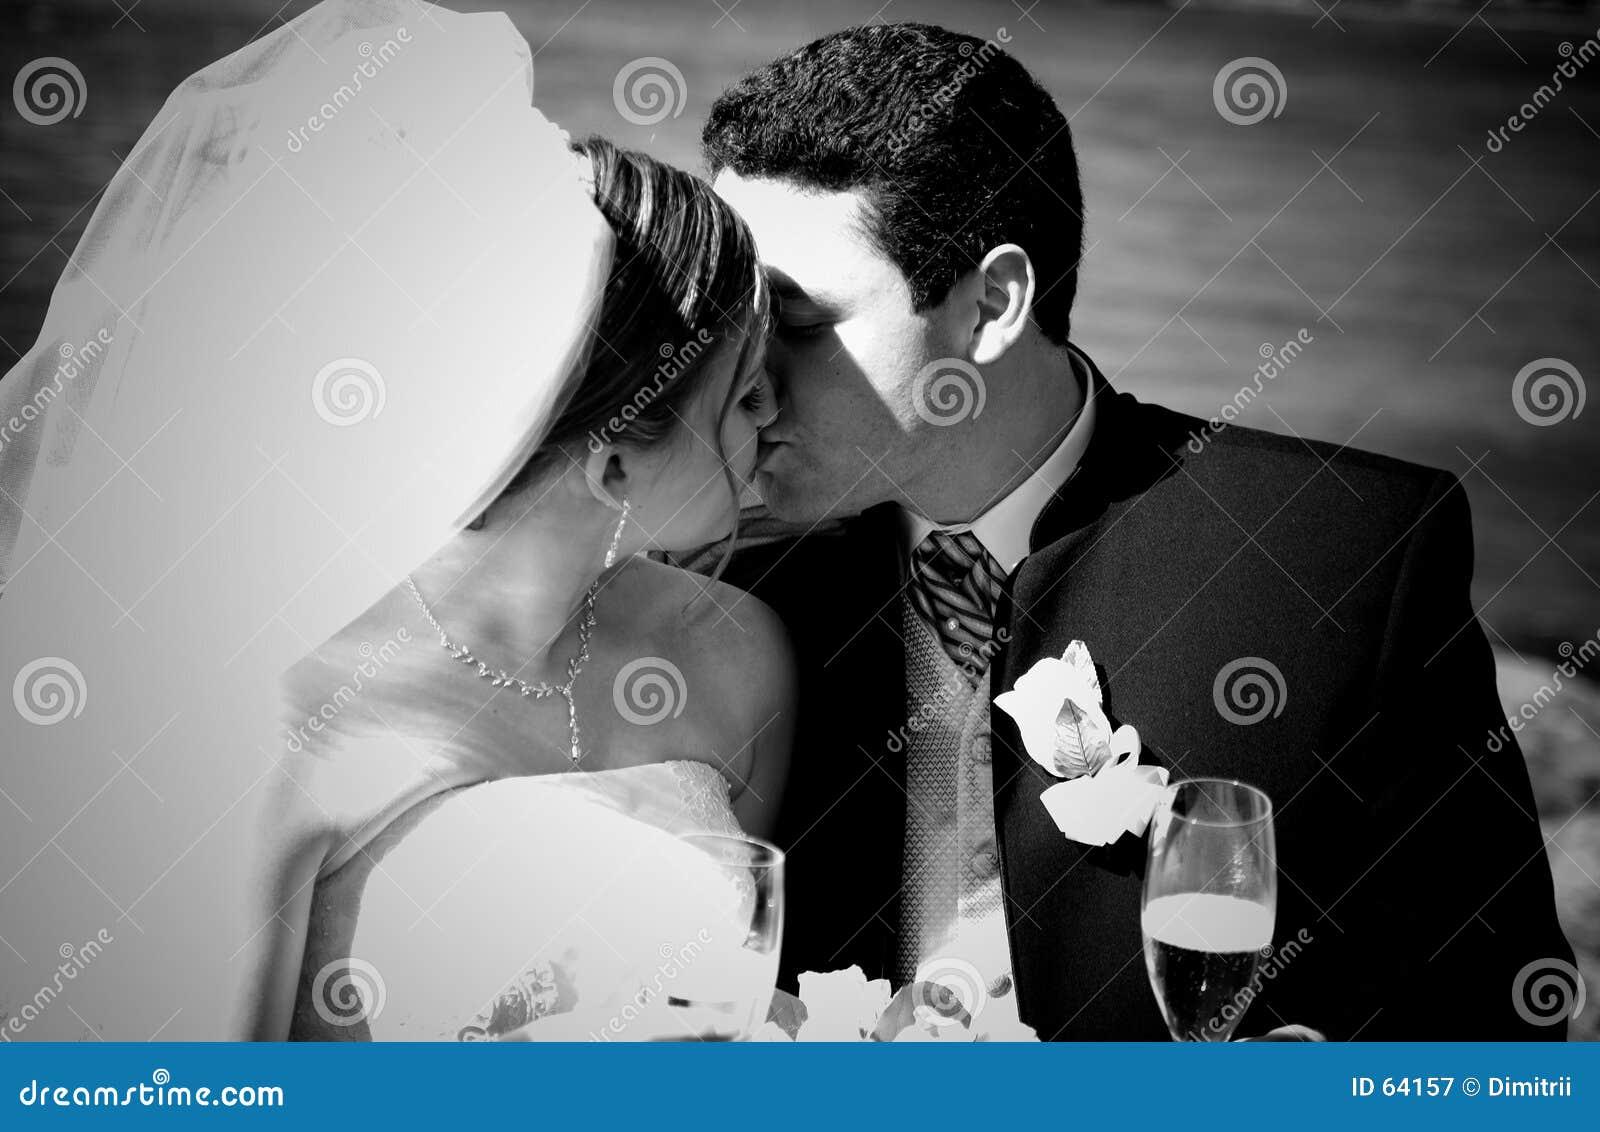 Download Mariée et marié image stock. Image du émotions, engagement - 64157